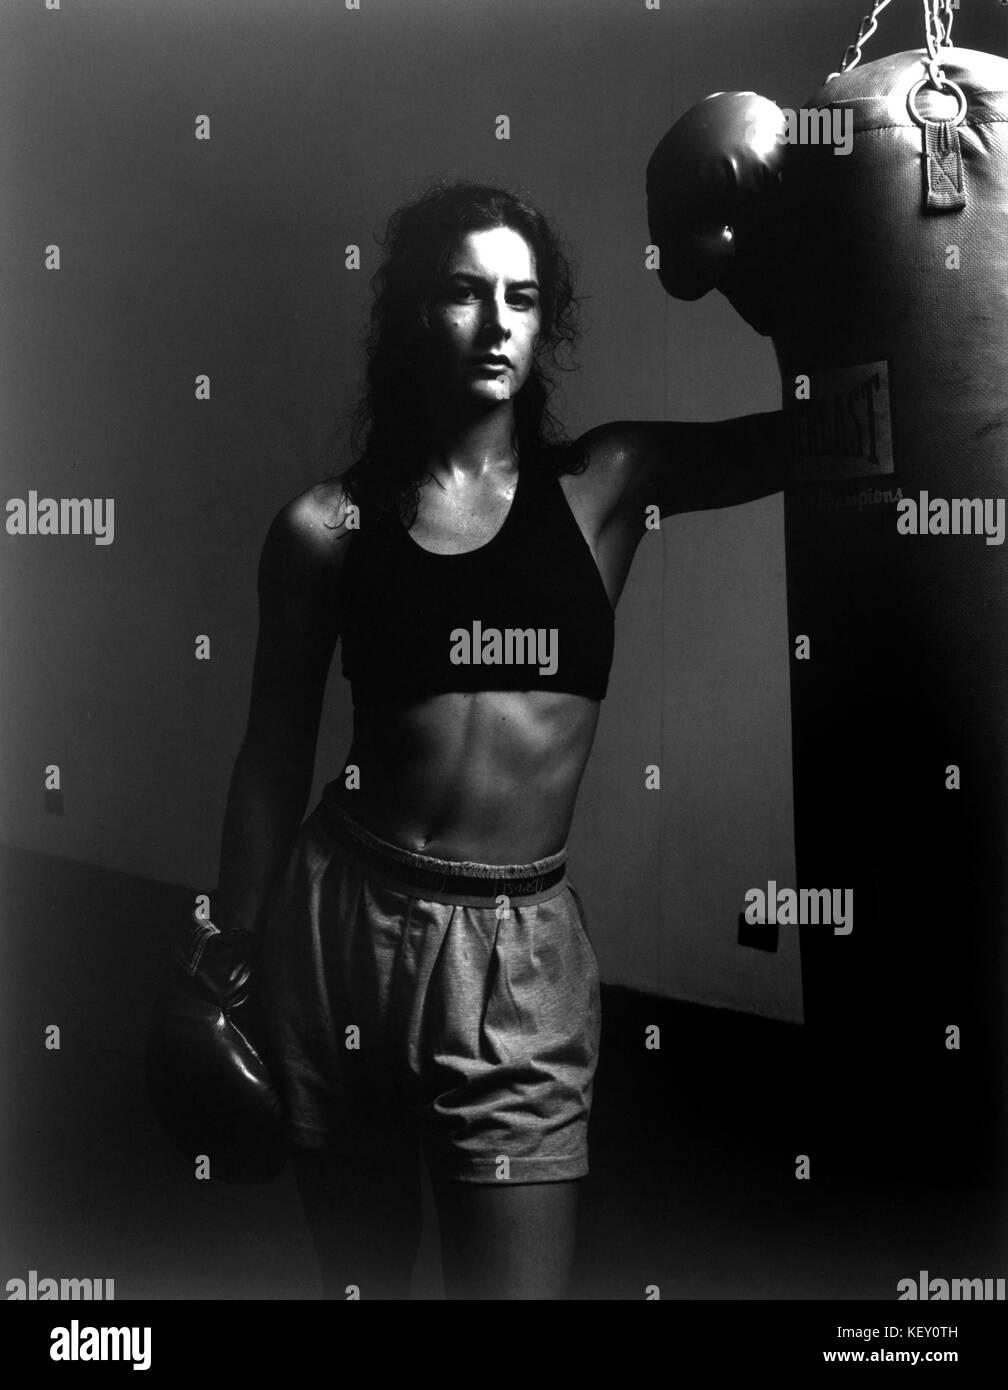 Niña o mujer en el gimnasio de boxeo tras entrenamiento Imagen De Stock